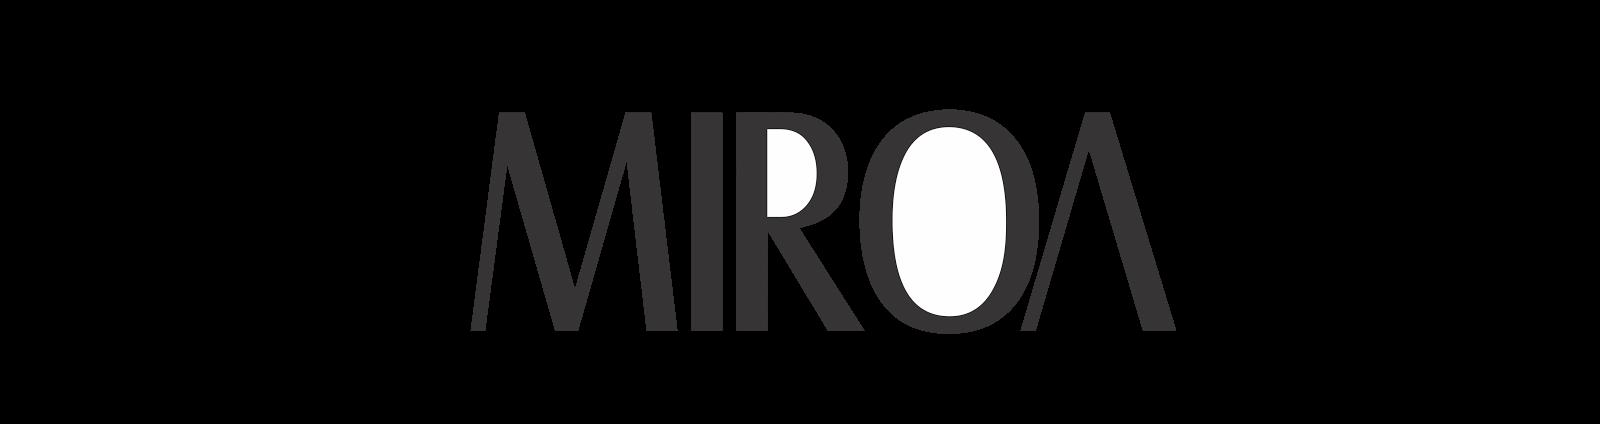 Miroa